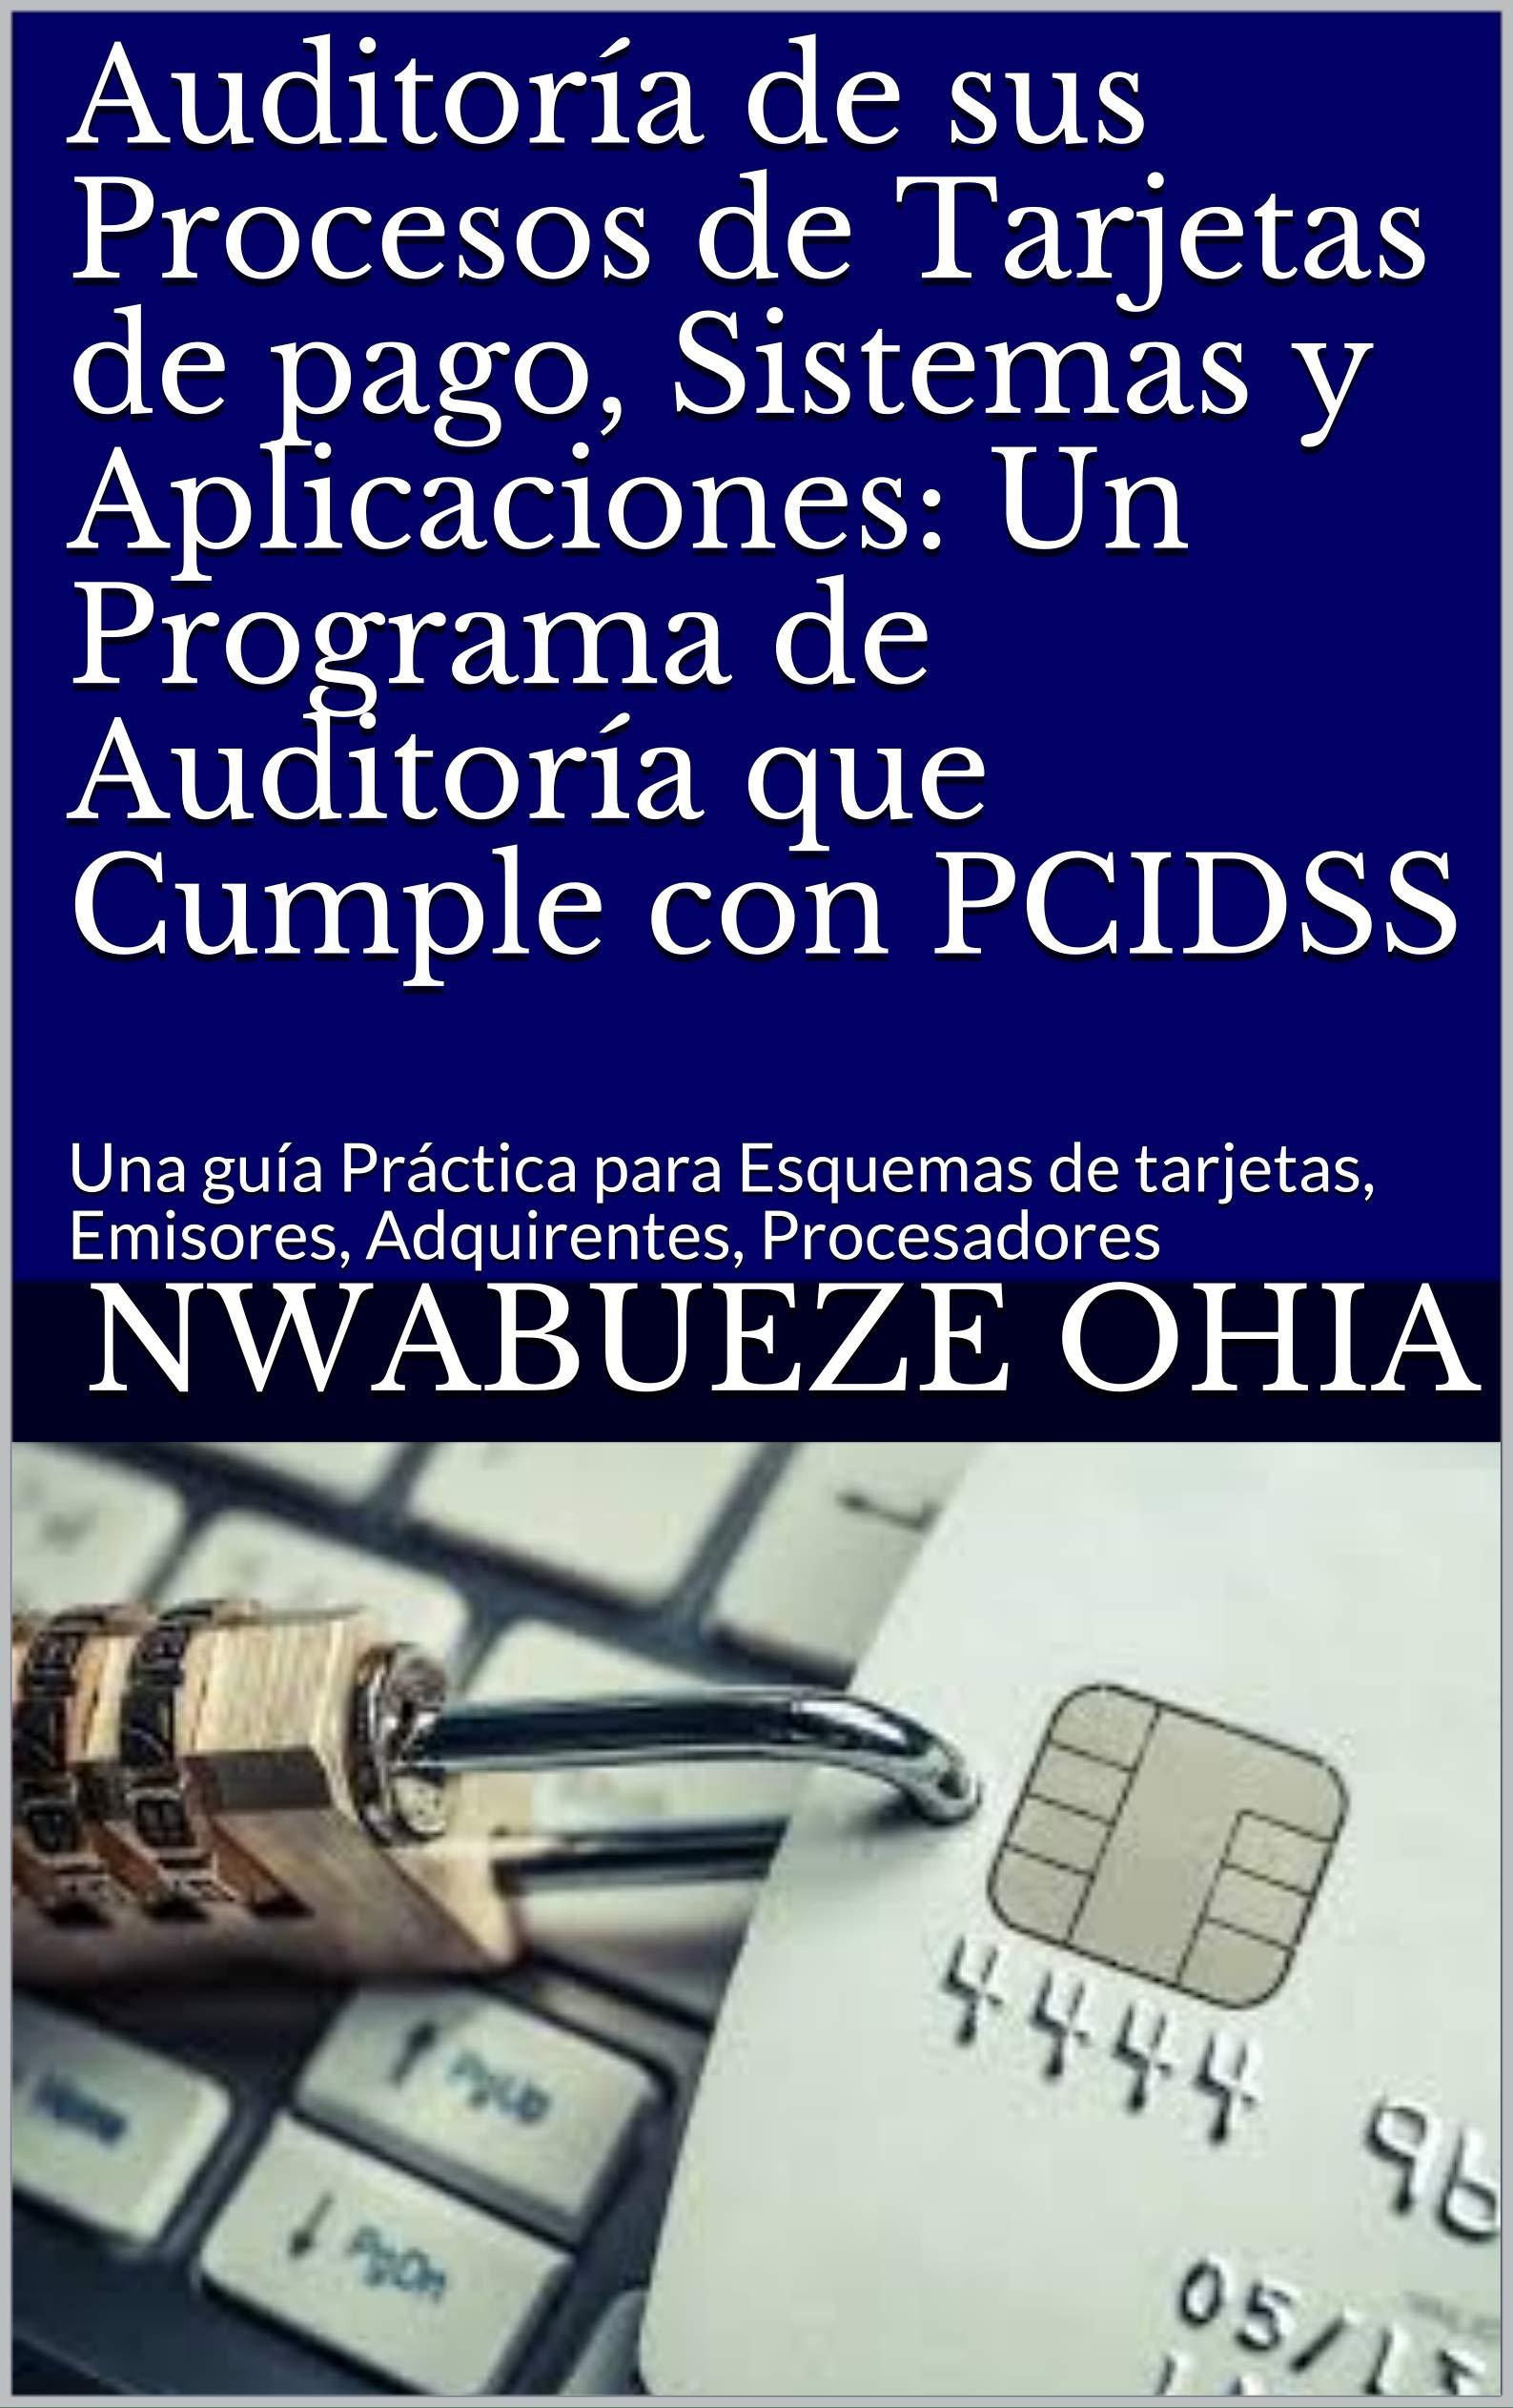 Auditoría de sus Procesos de Tarjetas de pago, Sistemas y Aplicaciones: Un Programa de Auditoría que Cumple con PCIDSS: Una guía Práctica para Esquemas ... Adquirentes, Procesadores